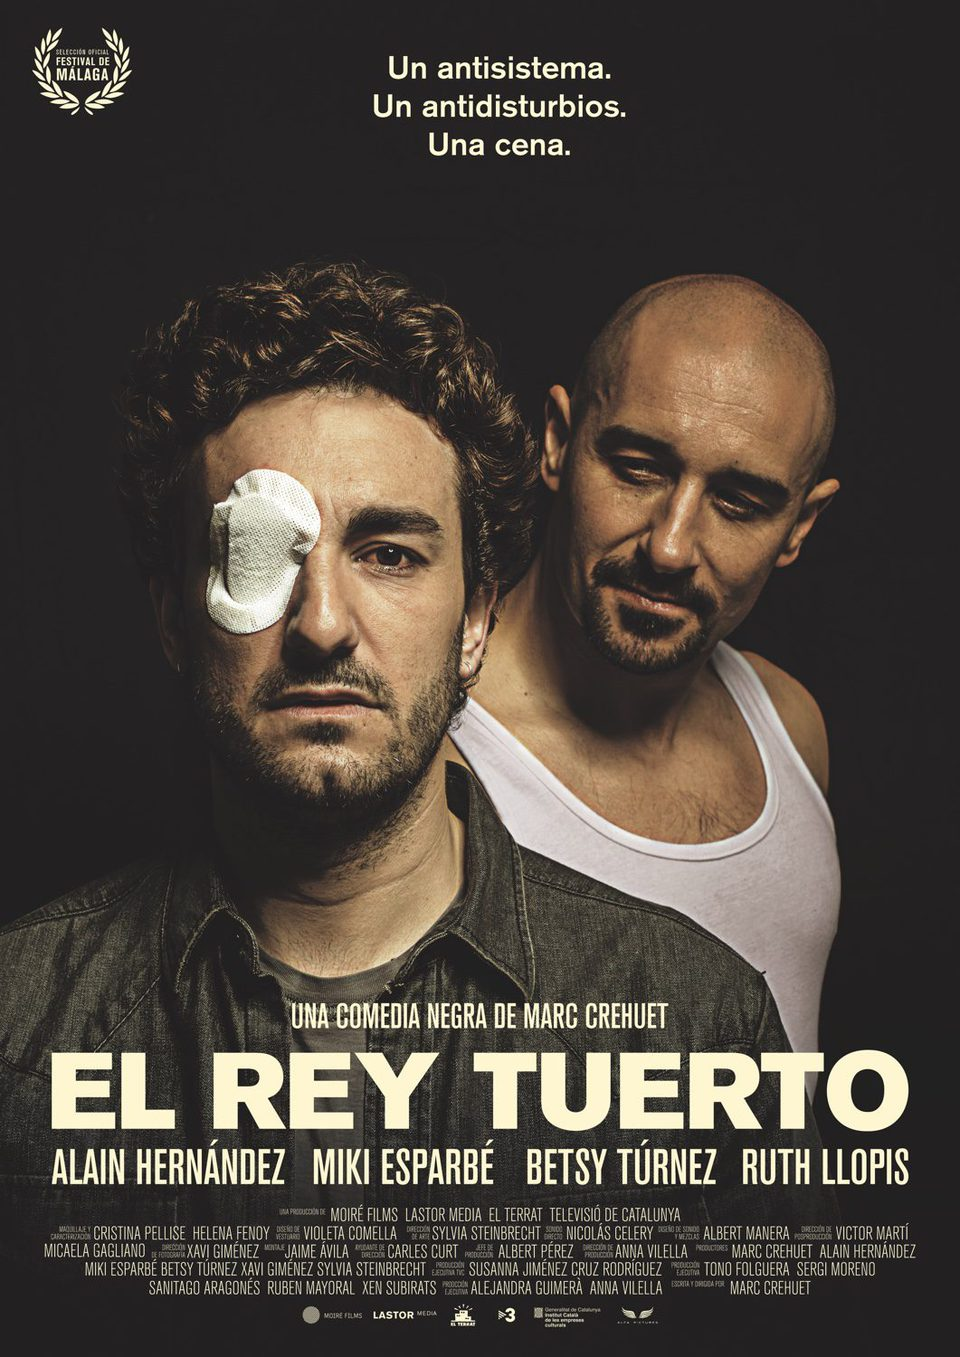 España poster for El rey tuerto